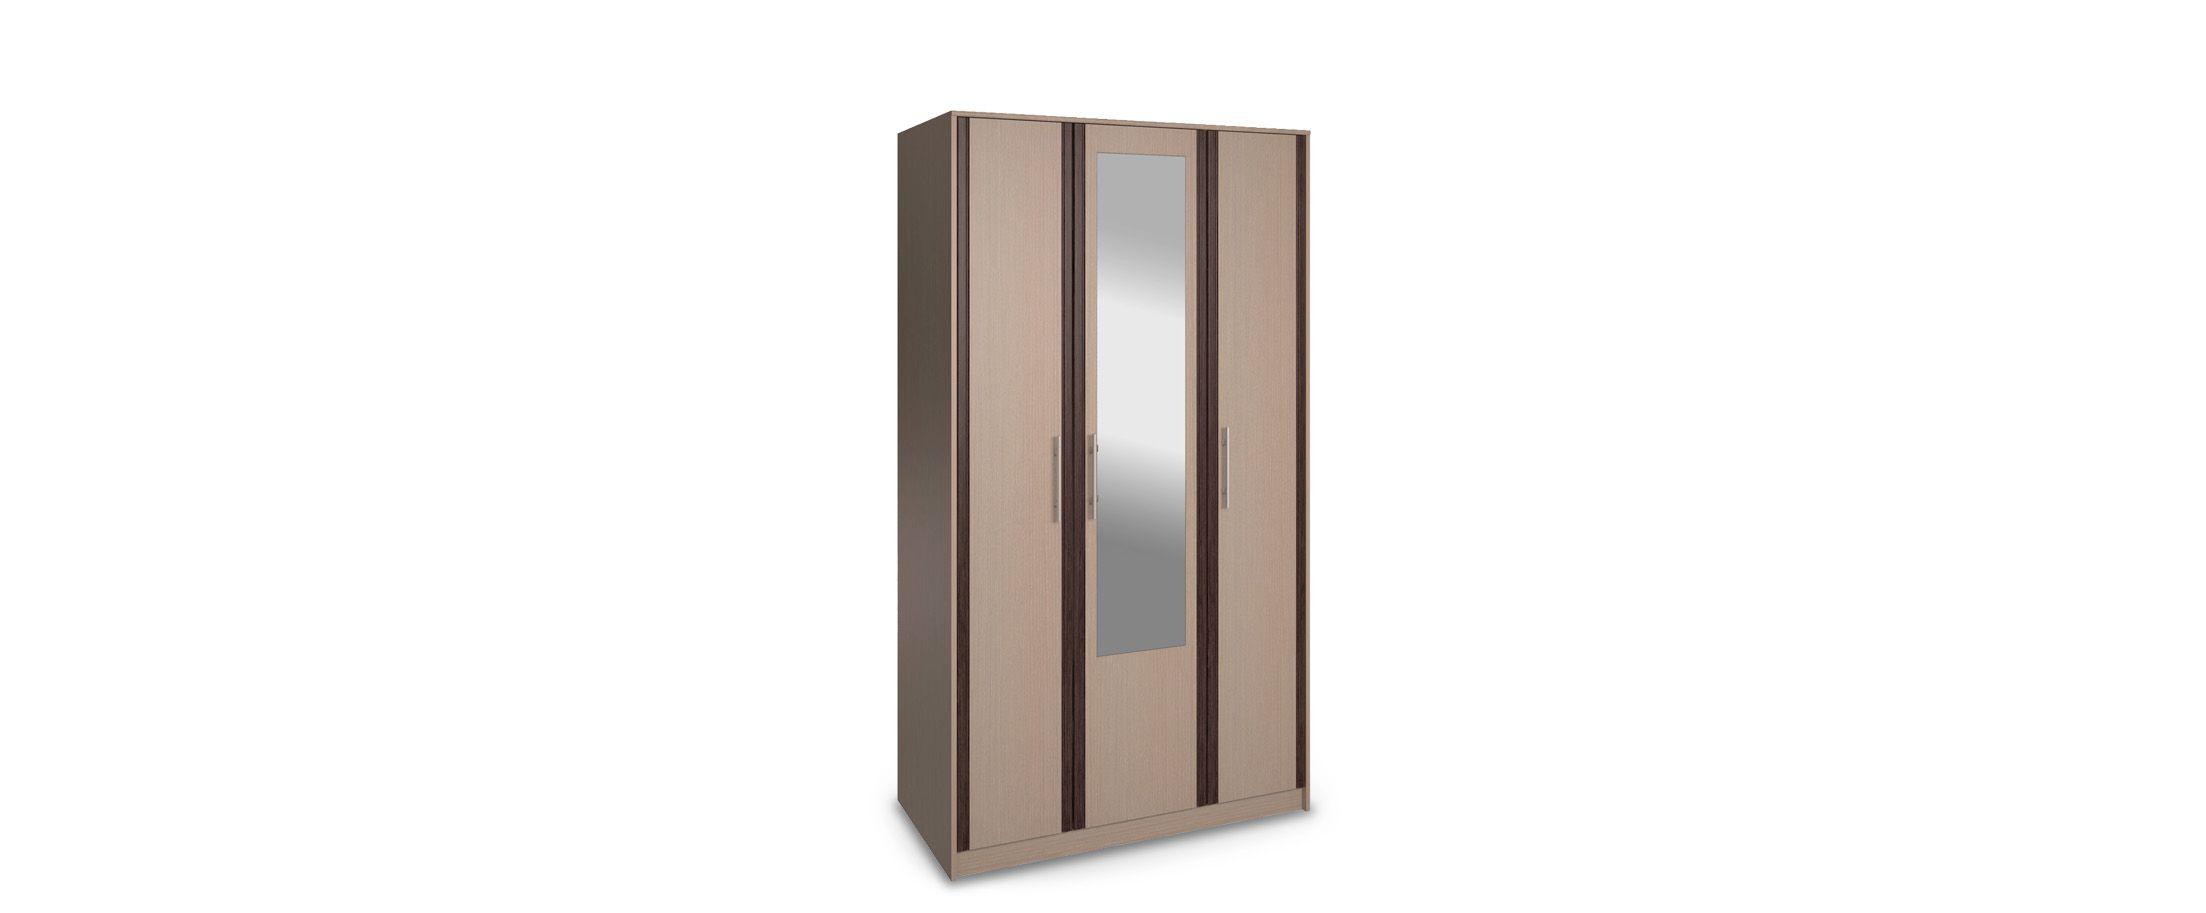 Шкаф 3-дверный с зеркалом Новелла от MOON TRADE